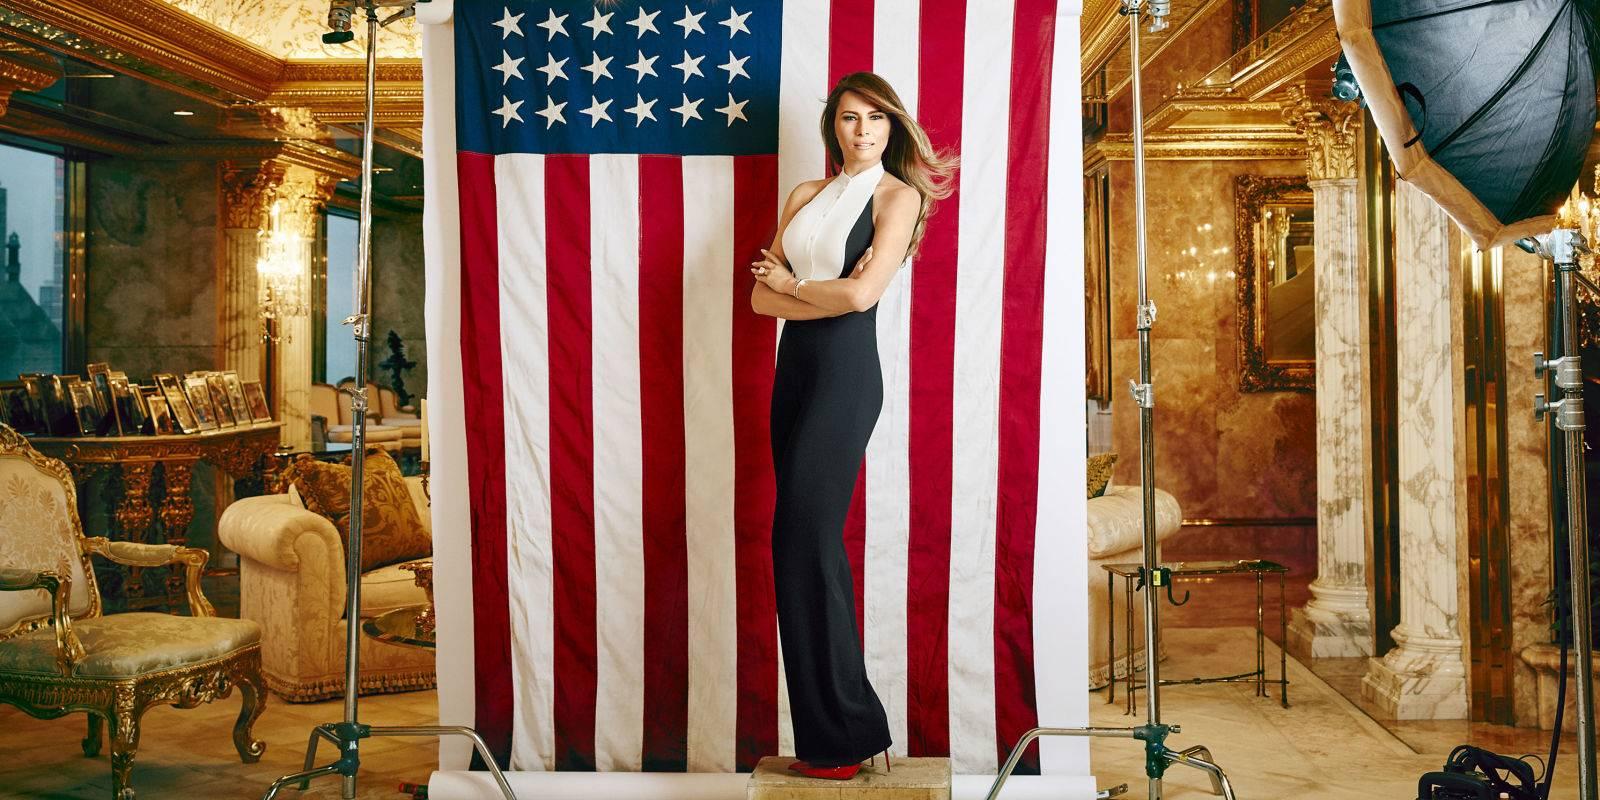 Conheça Melania, Sugar Baby e nova primeira-dama dos EUA